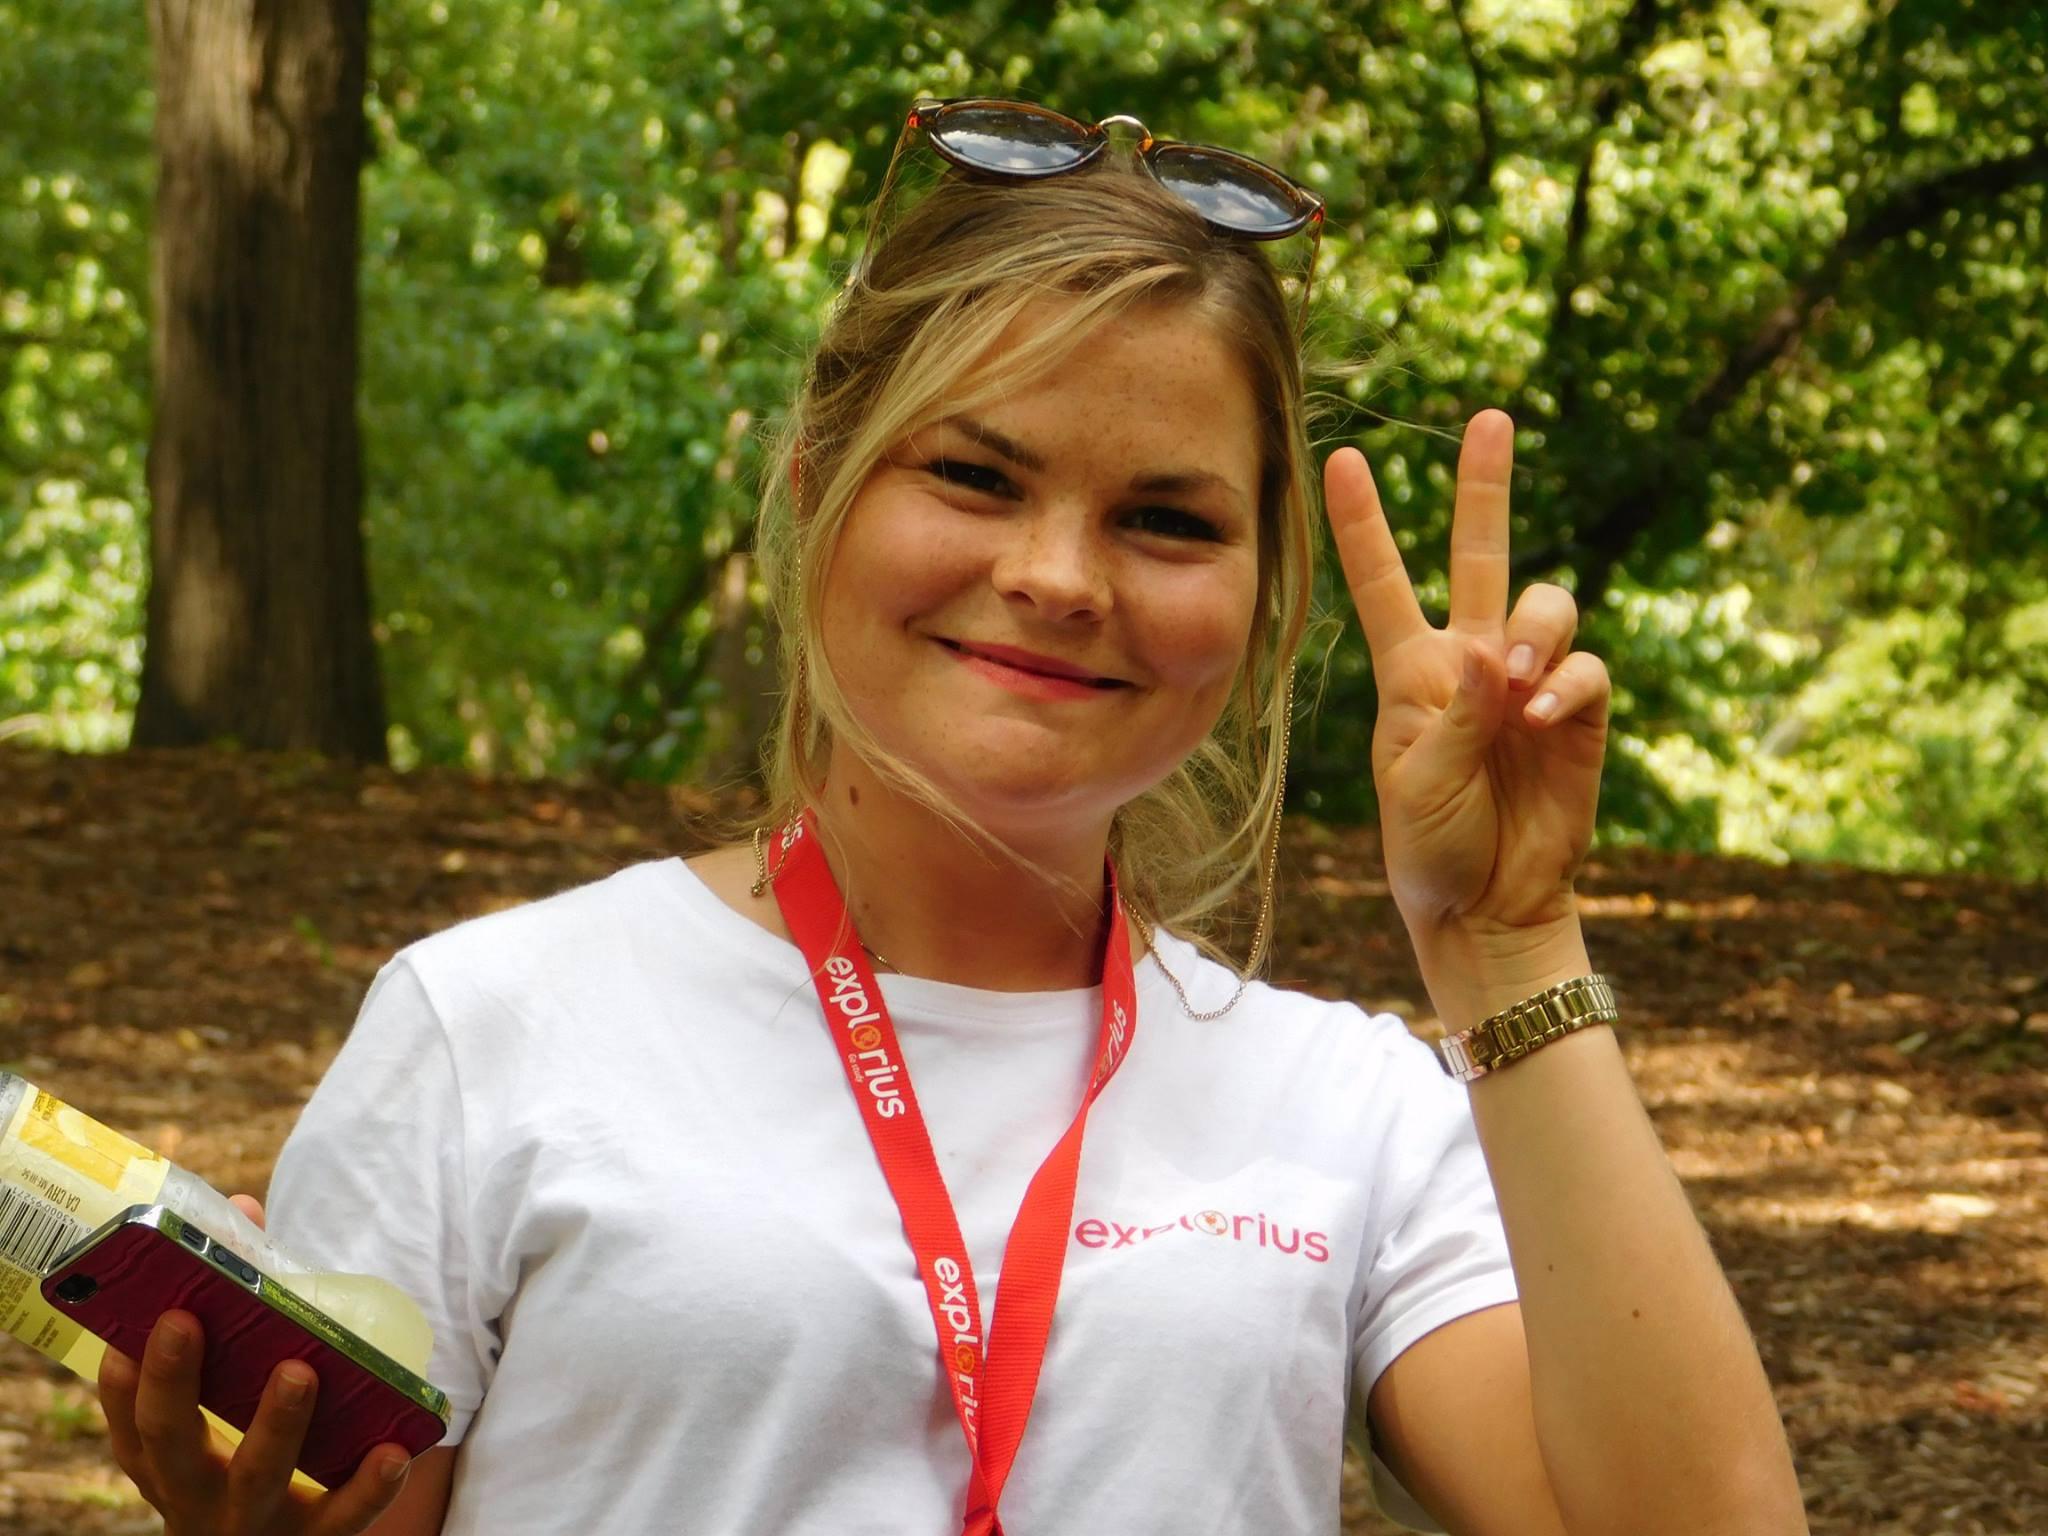 Explorius på Soft Landing Camp for utvekslingsstudenter i USA